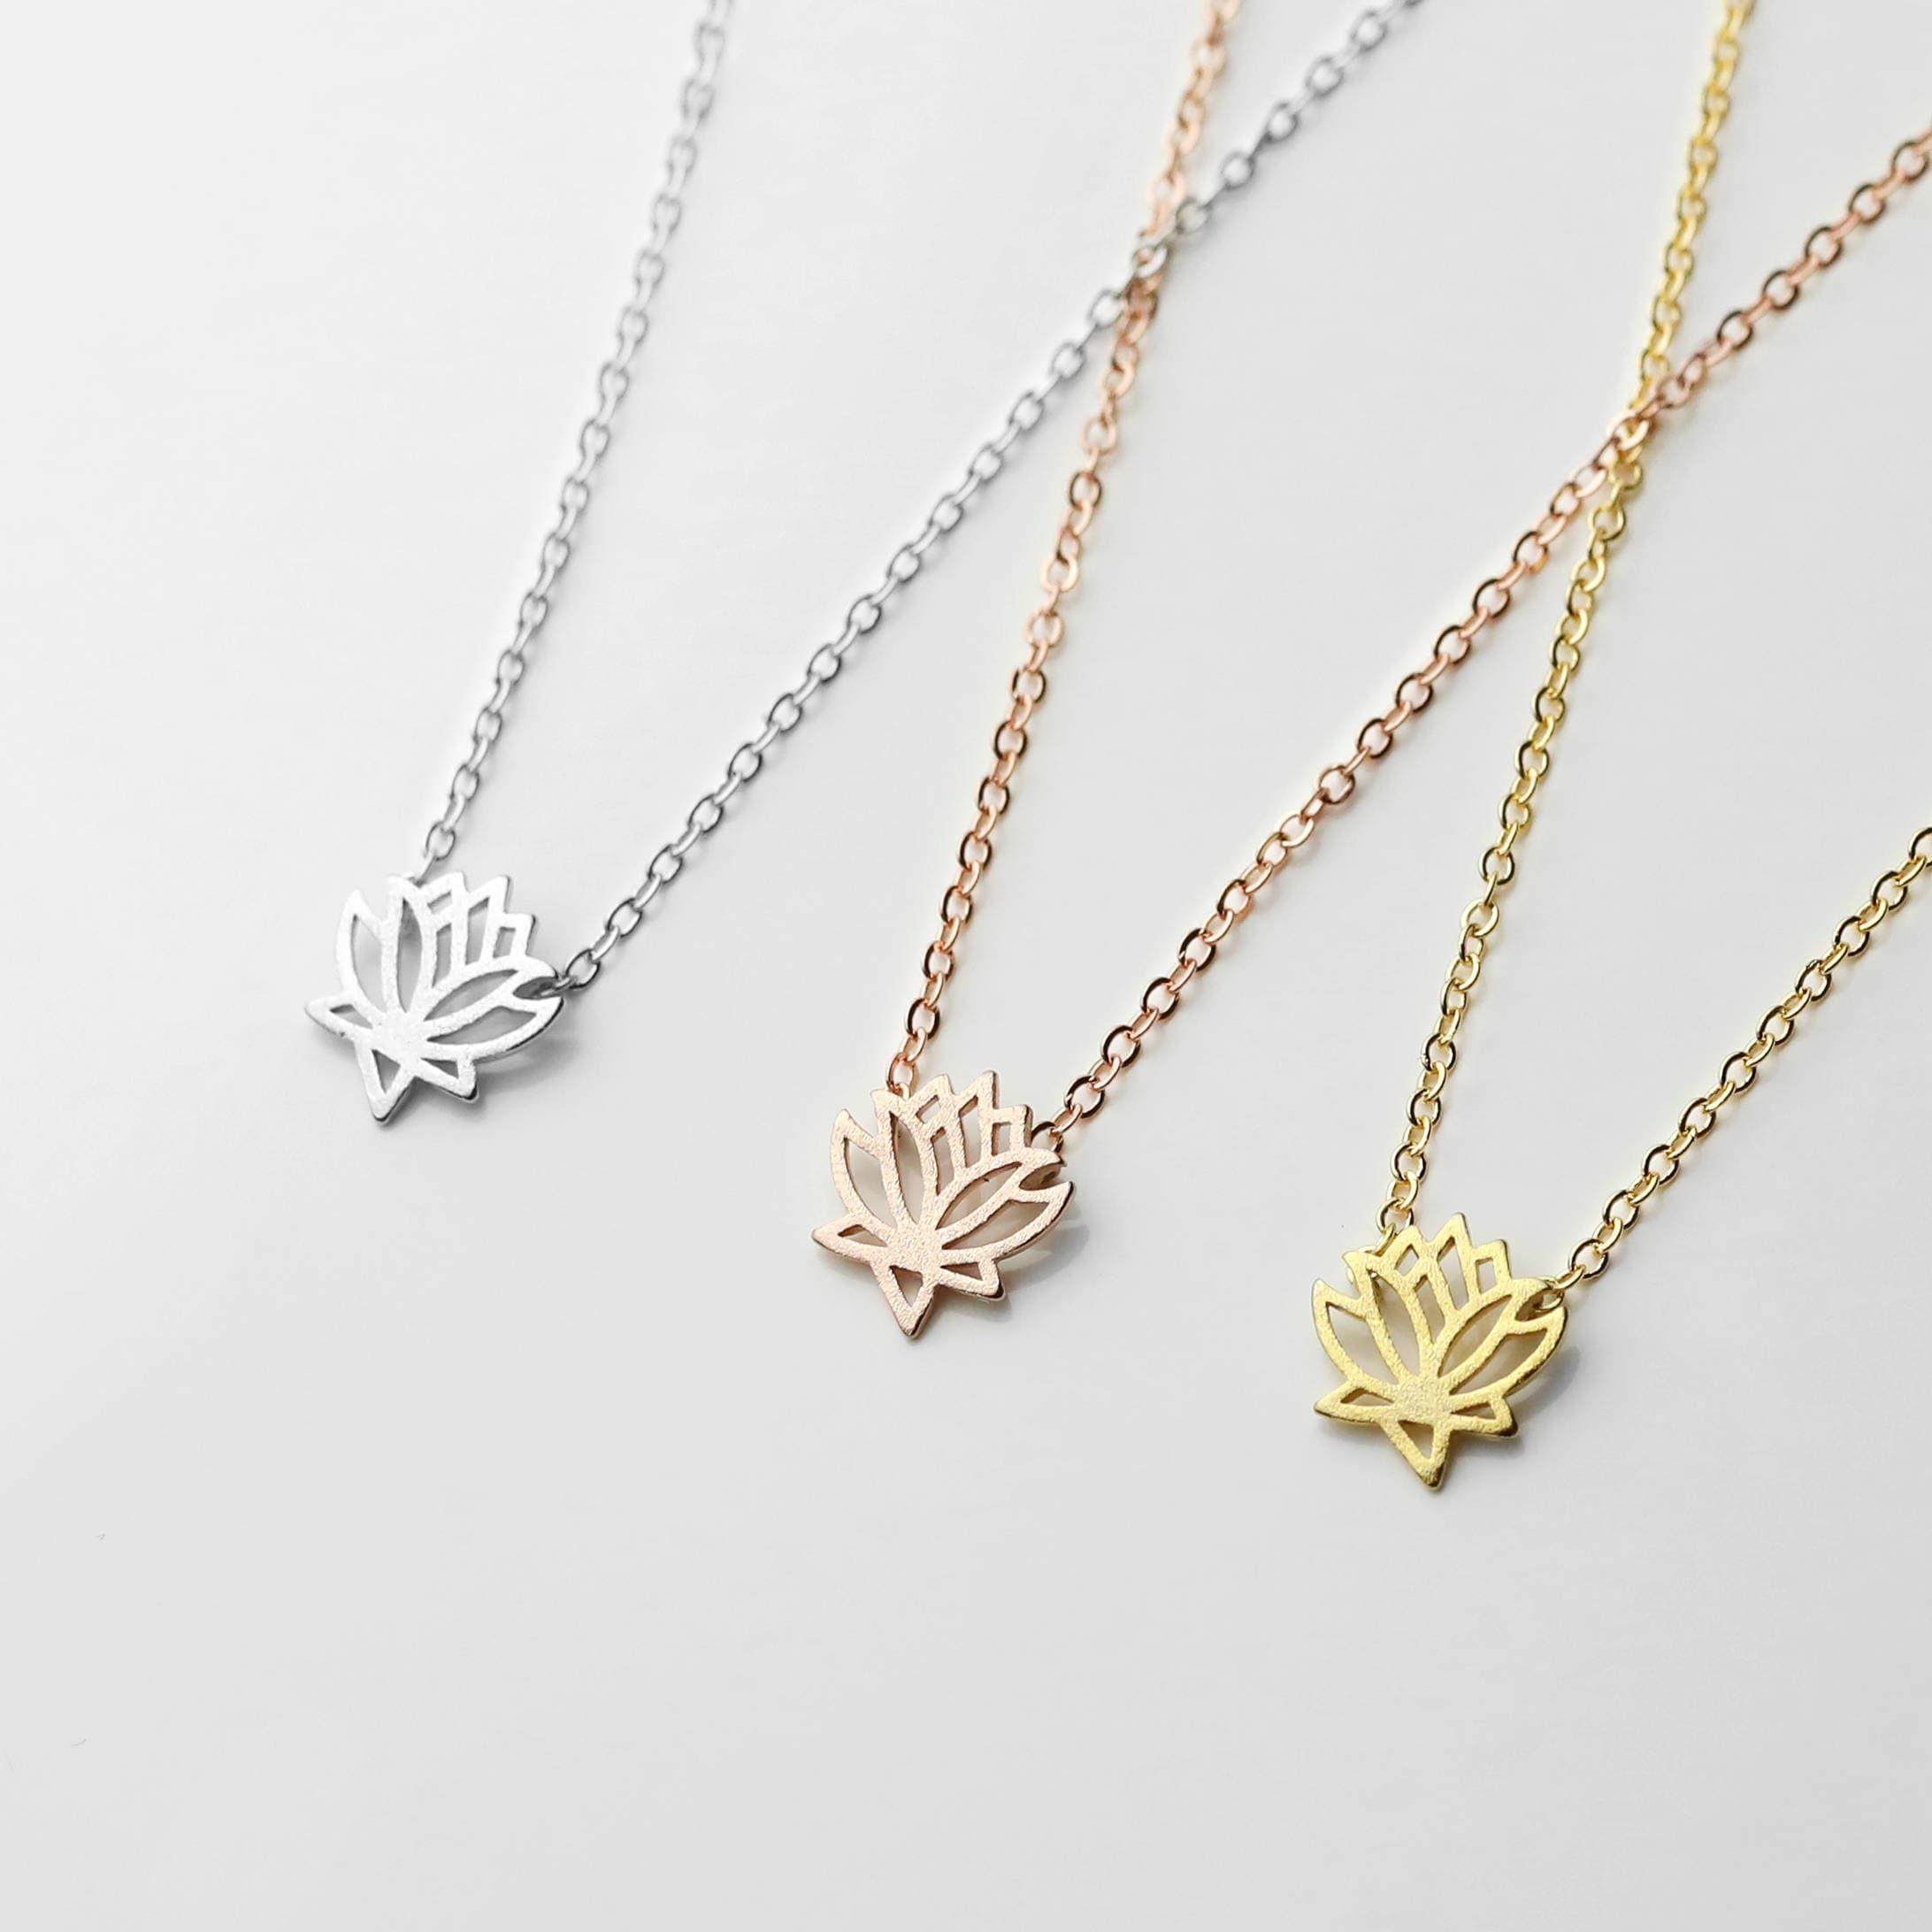 Lotus necklace yoga jewelry lotus flower jewelry lotus pendant zoom izmirmasajfo Images